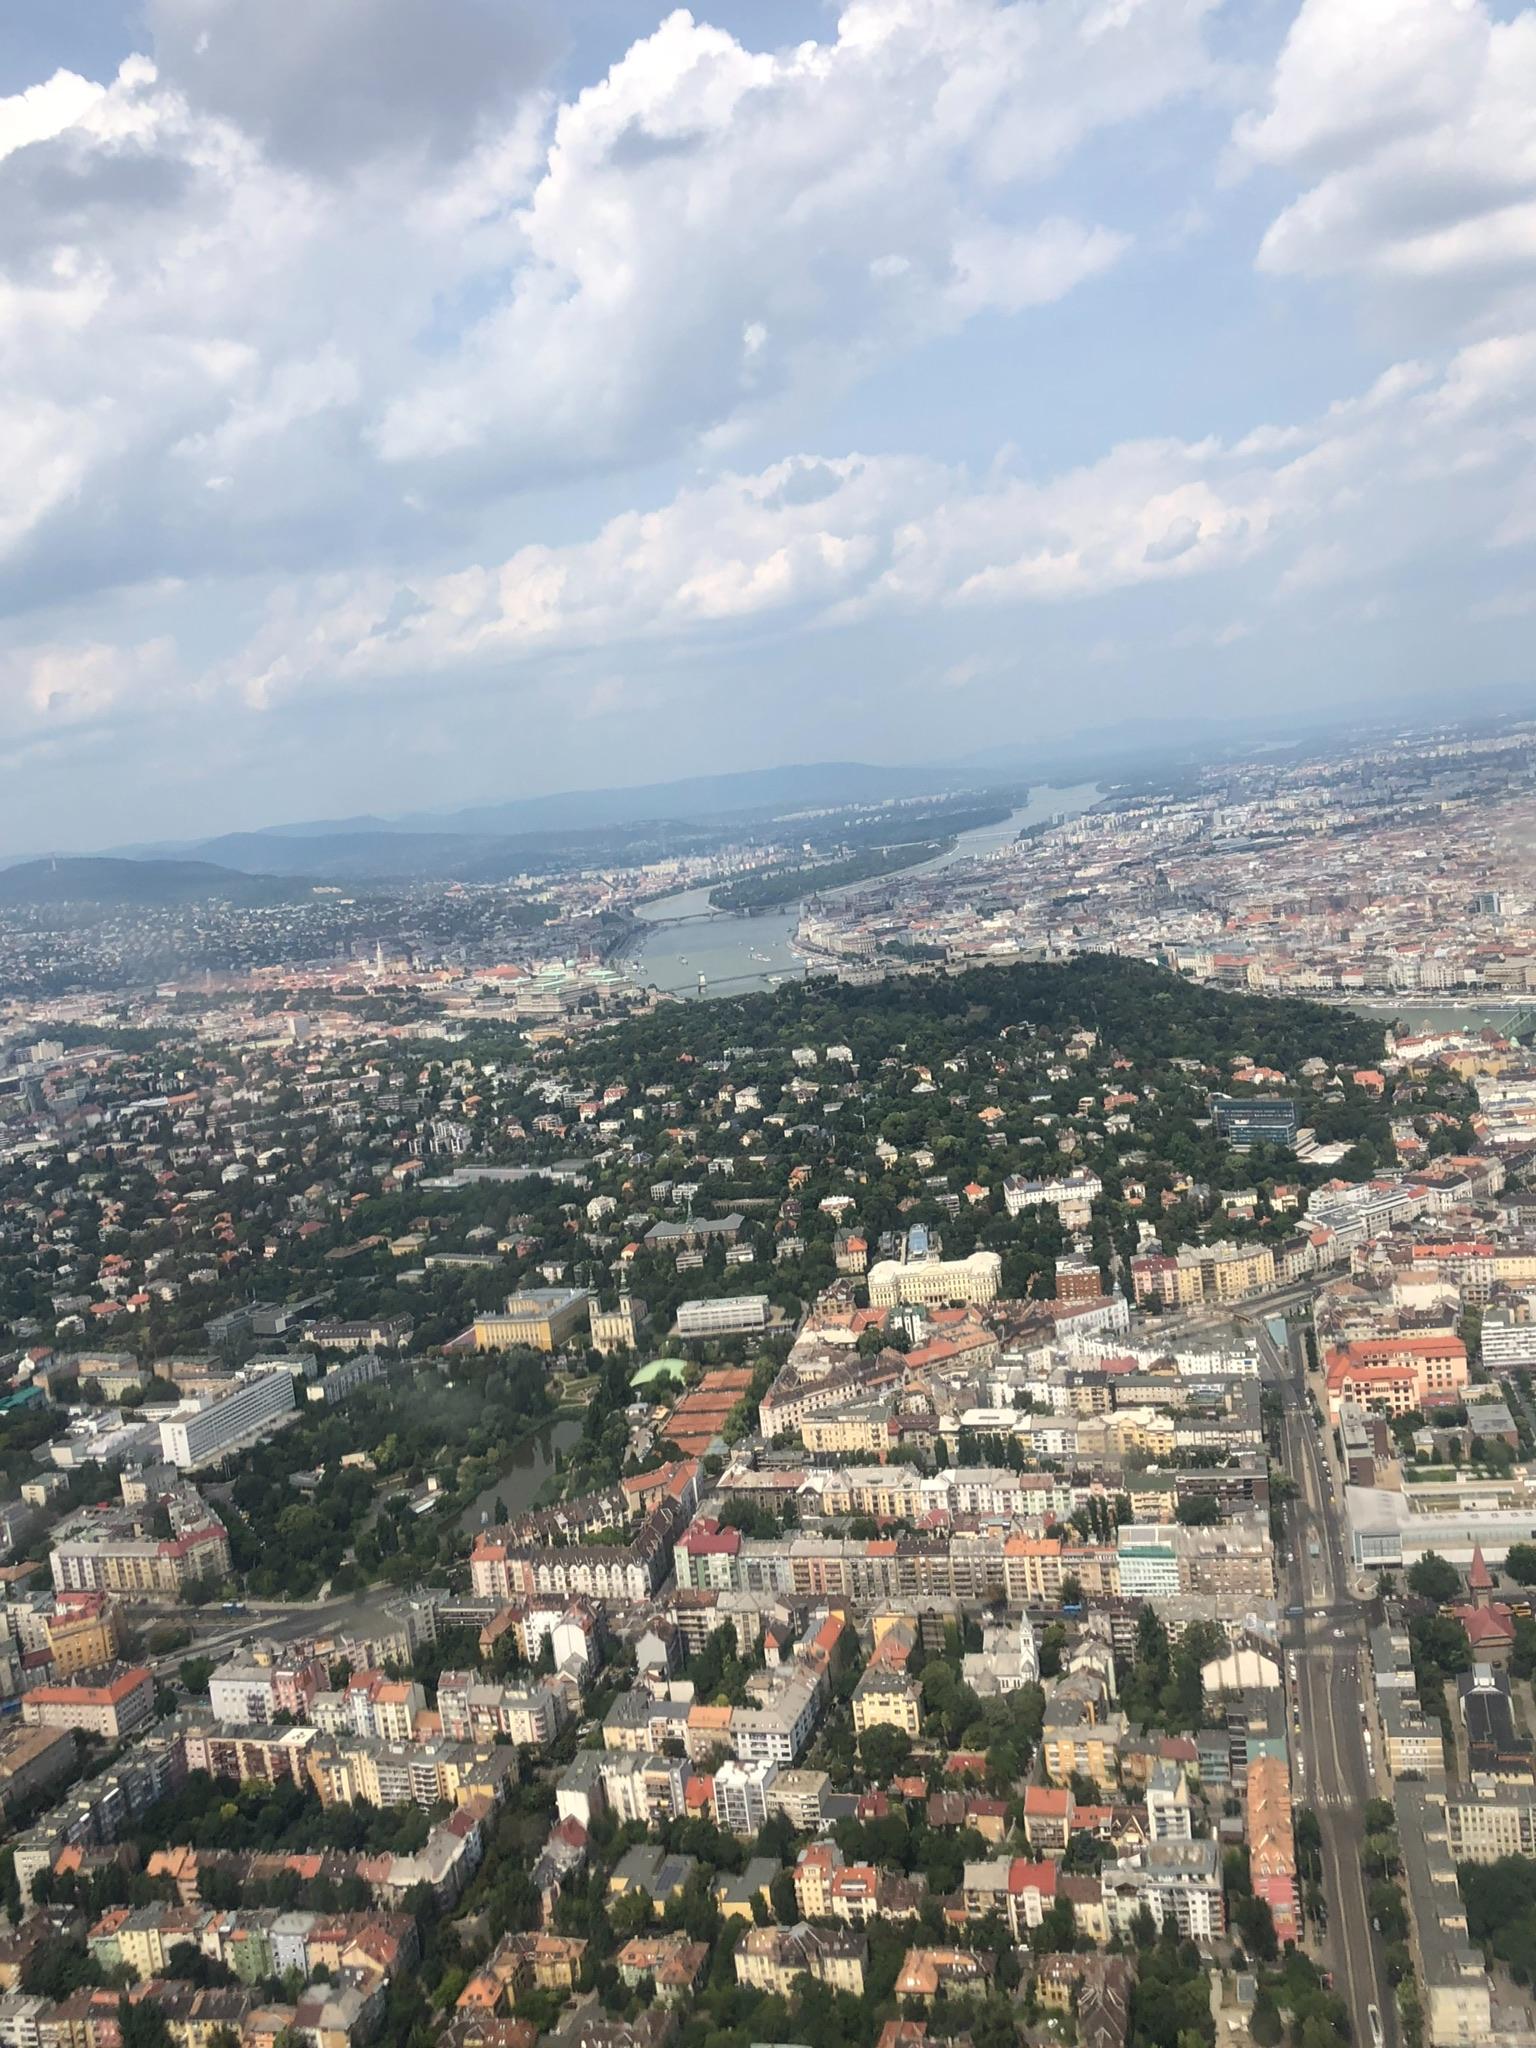 Repülés - 2019-10-27 10:00-16:00 - János Makovics dr